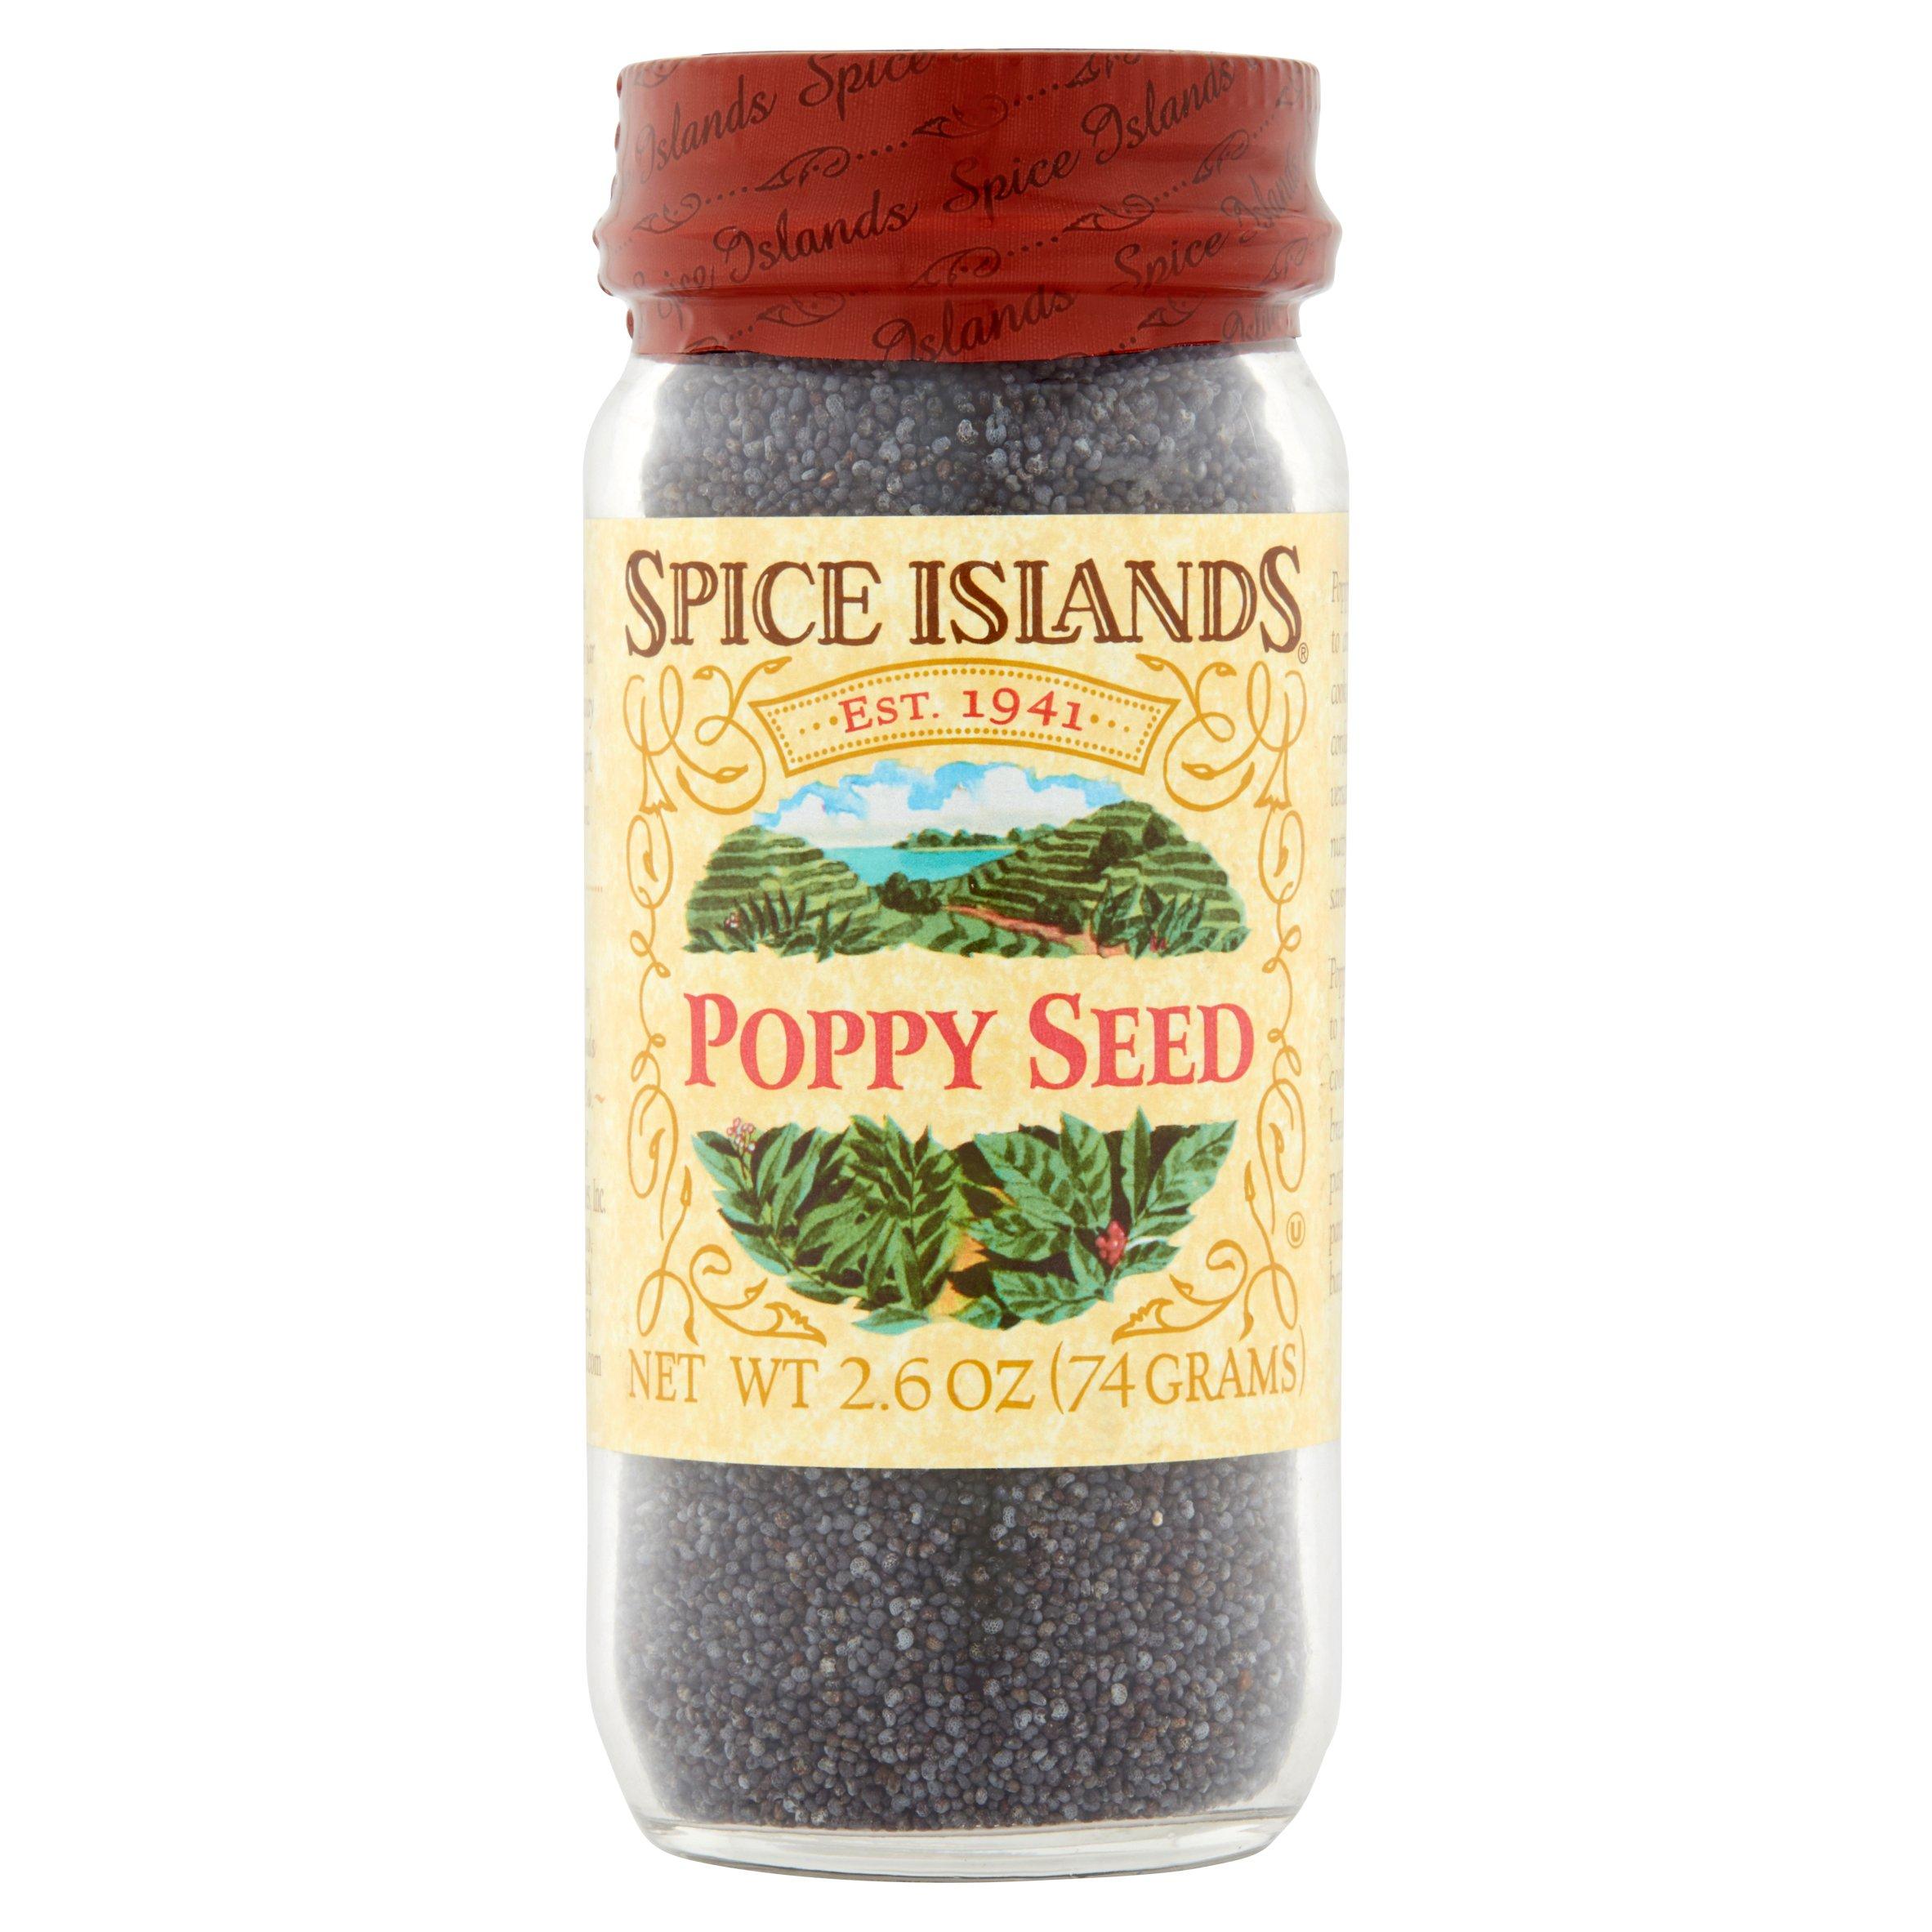 Spice Islands Poppy Seed, 2.6 oz